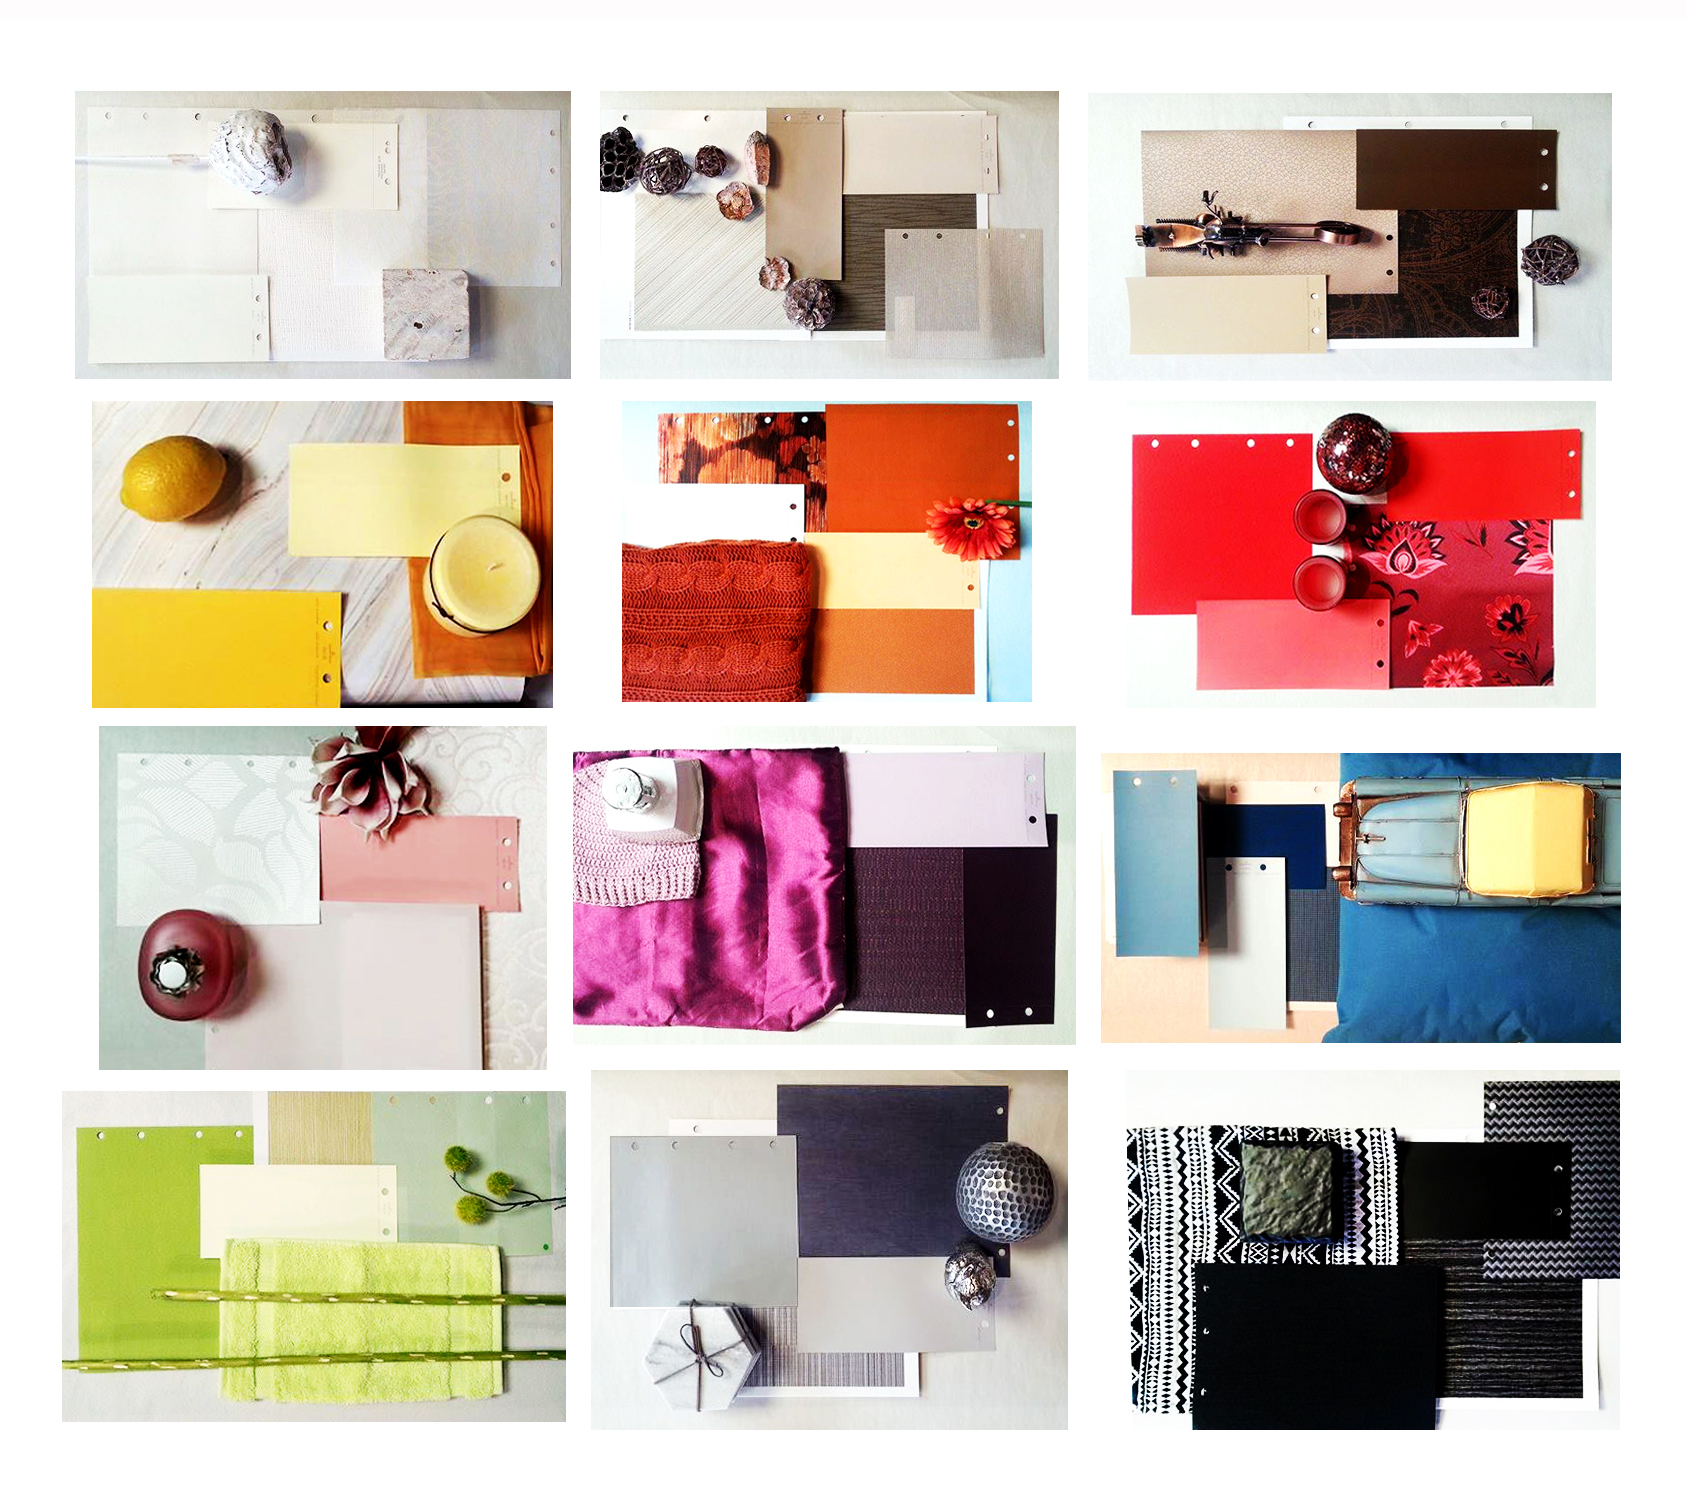 Couleur piece meilleures images d 39 inspiration pour votre design de maison - Couleur piece maison ...